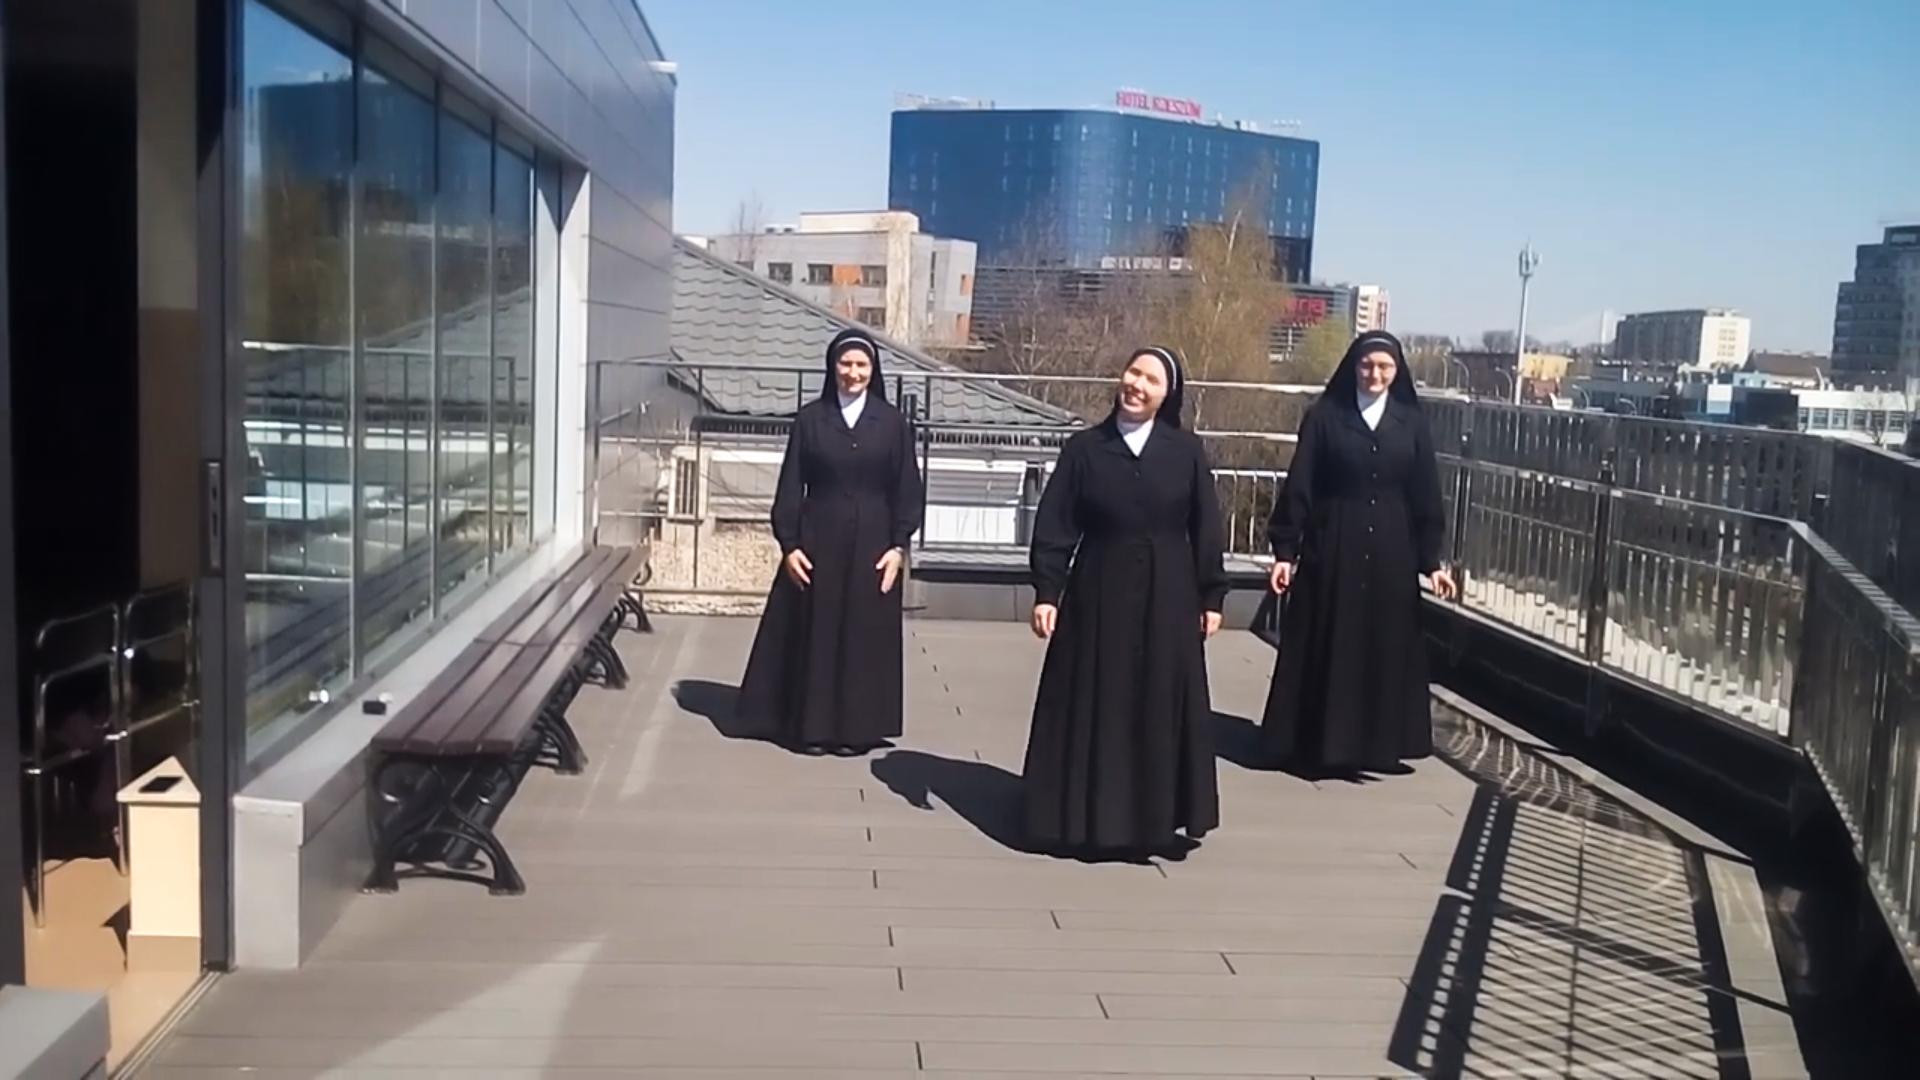 Tańczące zakonnice z Rzeszowa. To był hit internetu [WIDEO] - Zdjęcie główne